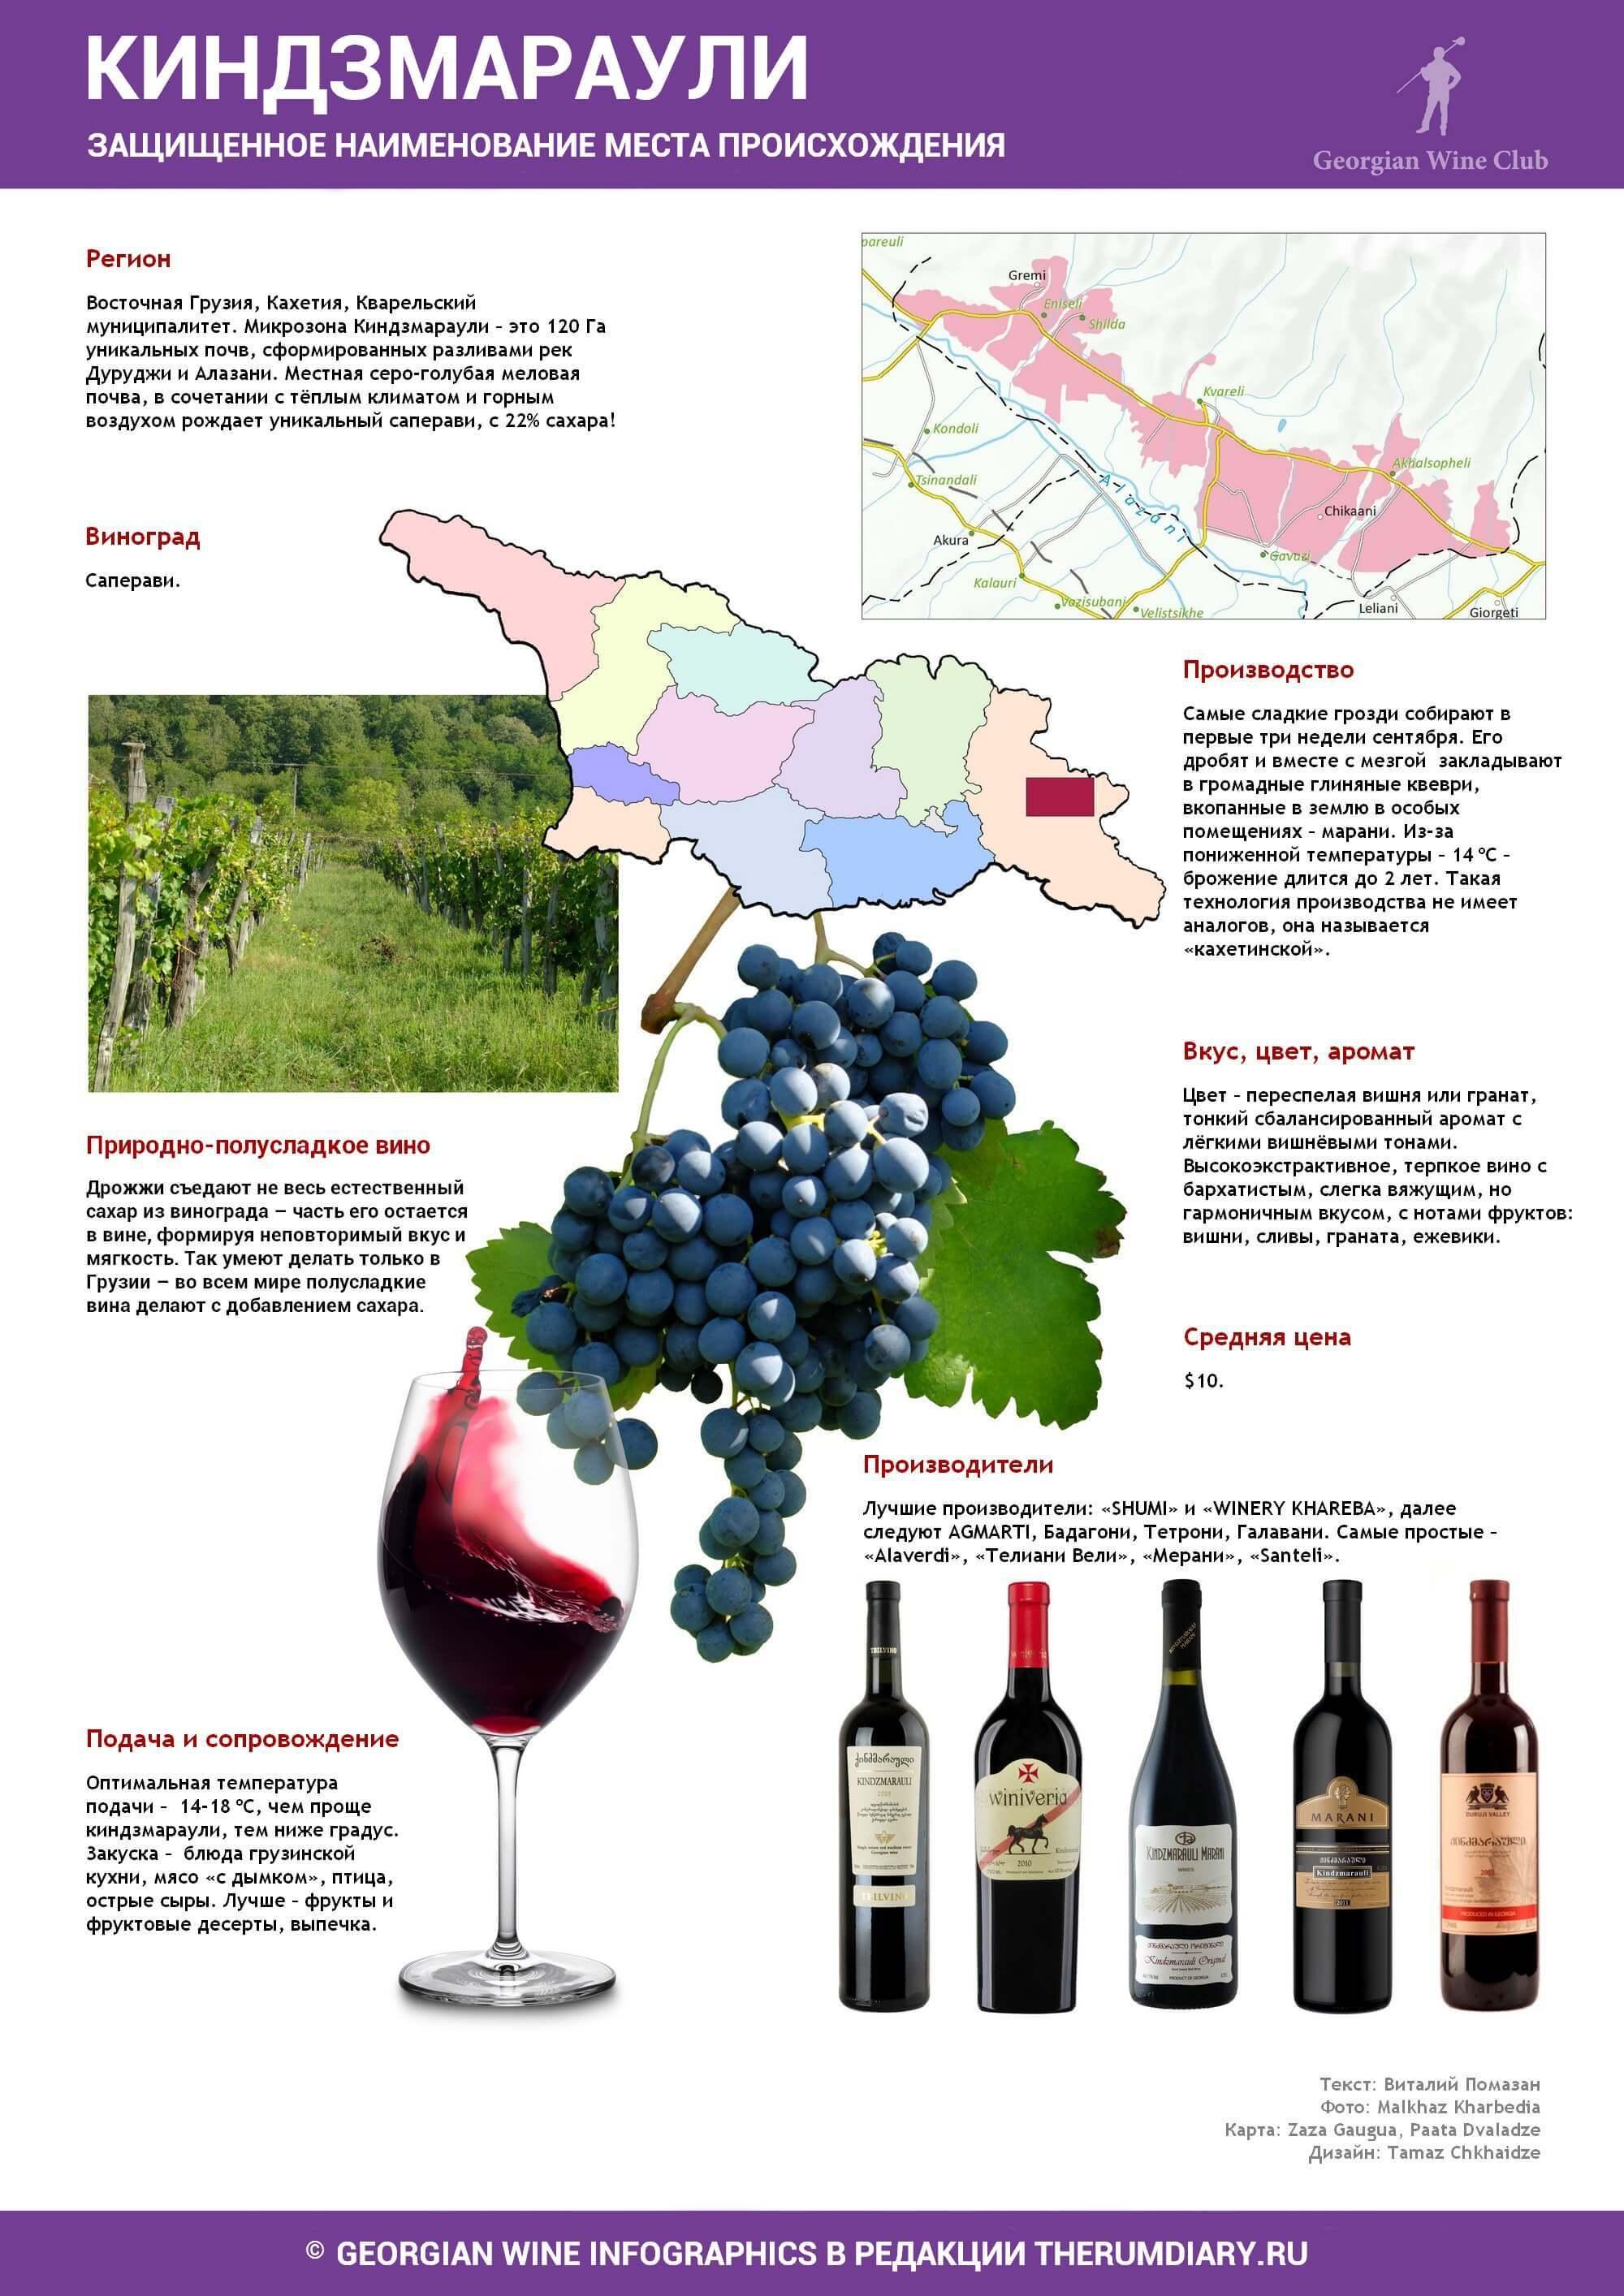 Инфографика, вино Киндзмараули